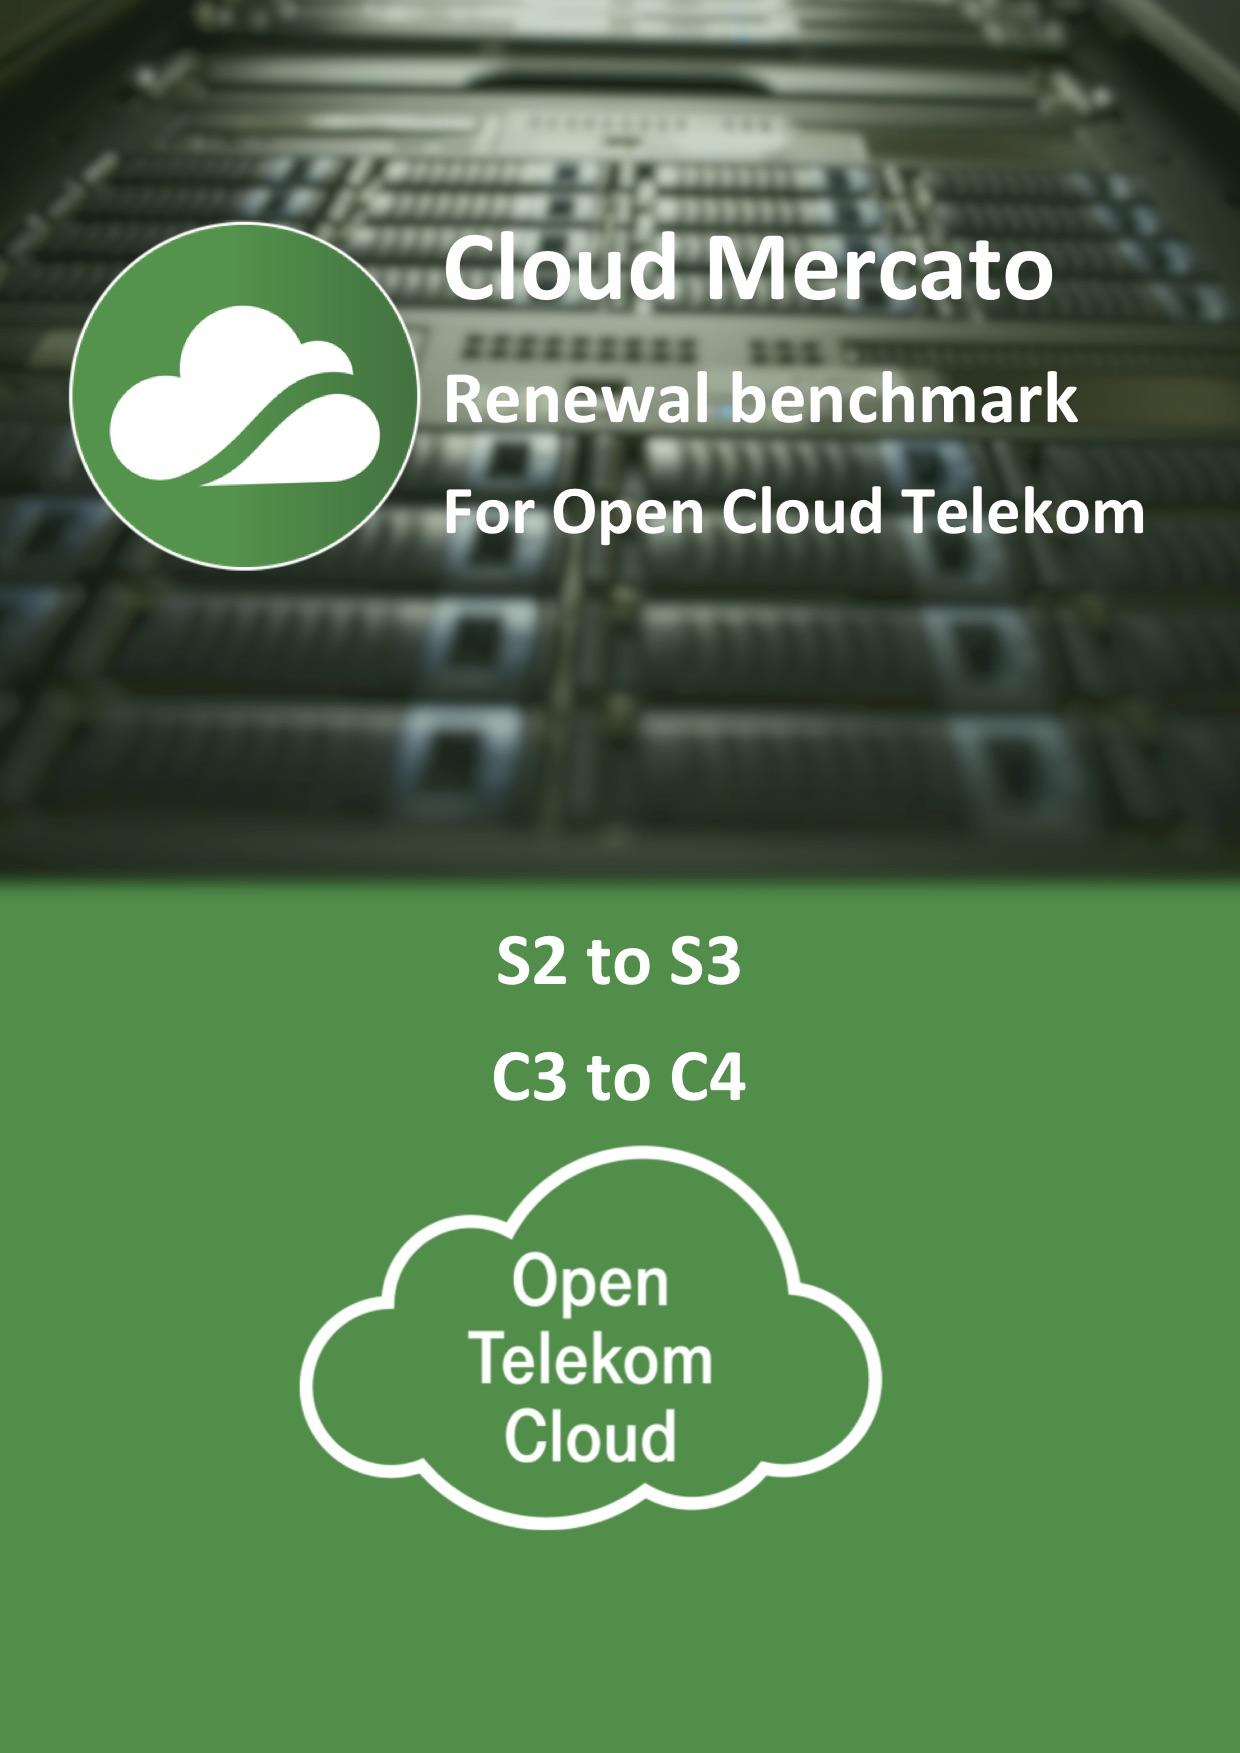 Open Cloud Telekom - VMs reneal 2020